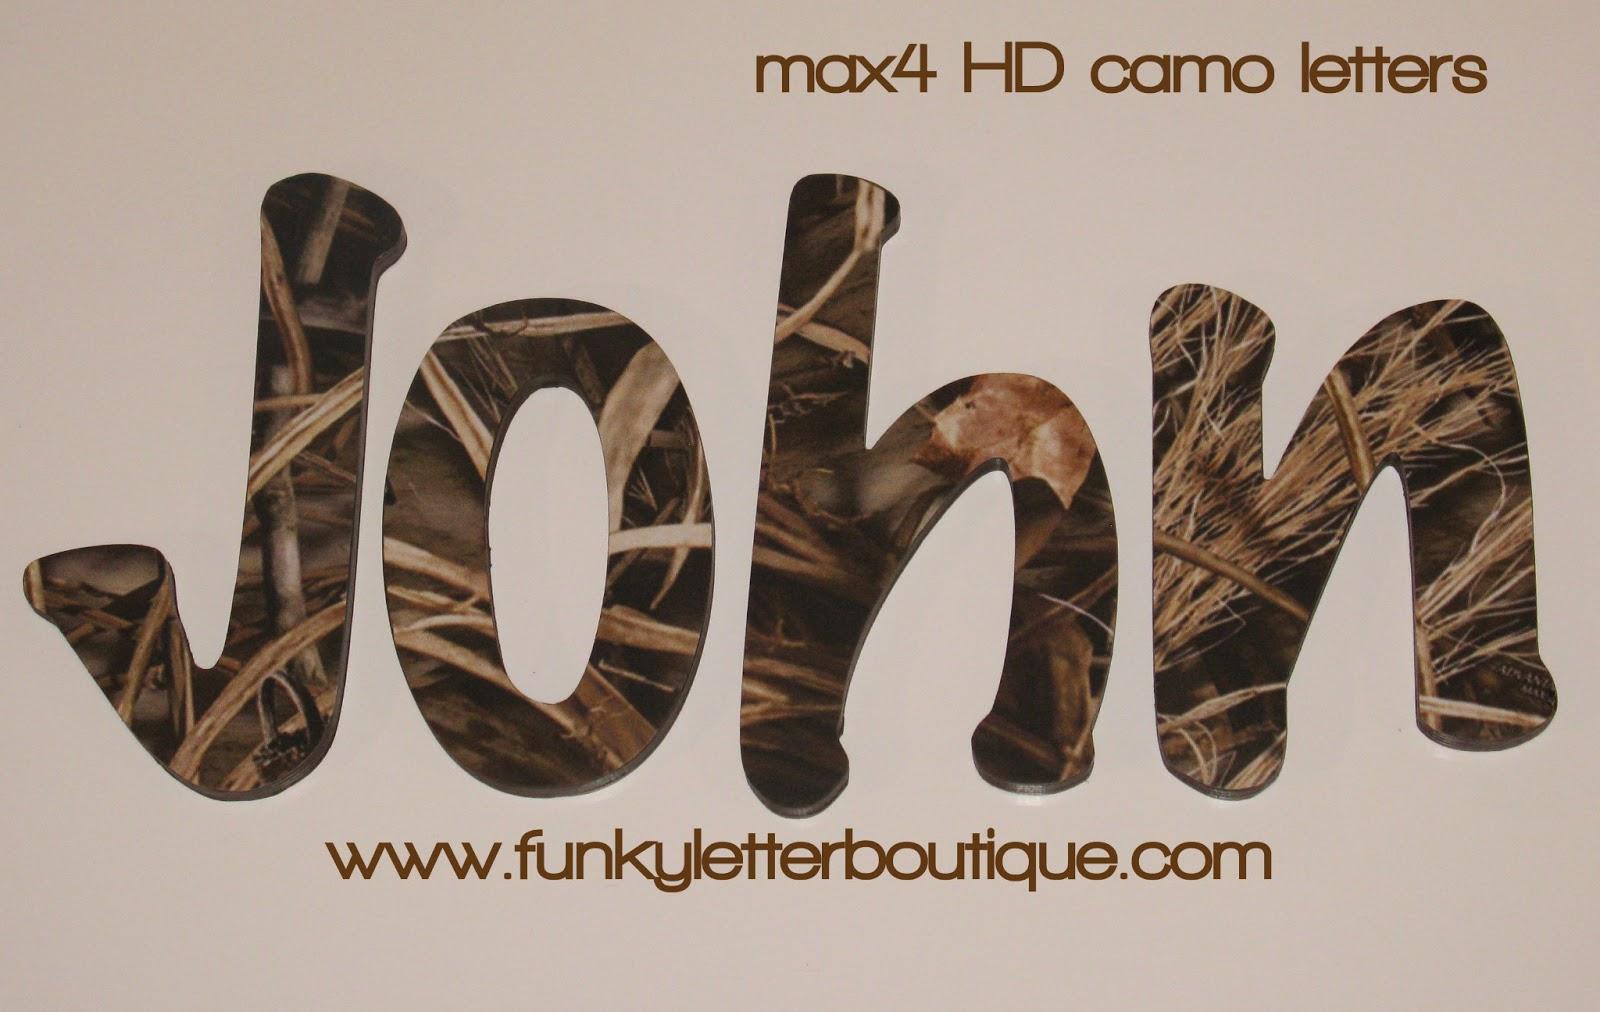 http://1.bp.blogspot.com/-iZZYZczUEGo/UQB9HIyQNeI/AAAAAAAAAiw/4KniGpBoTFc/s1600/max4+HD+camo+wall+letters.jpg